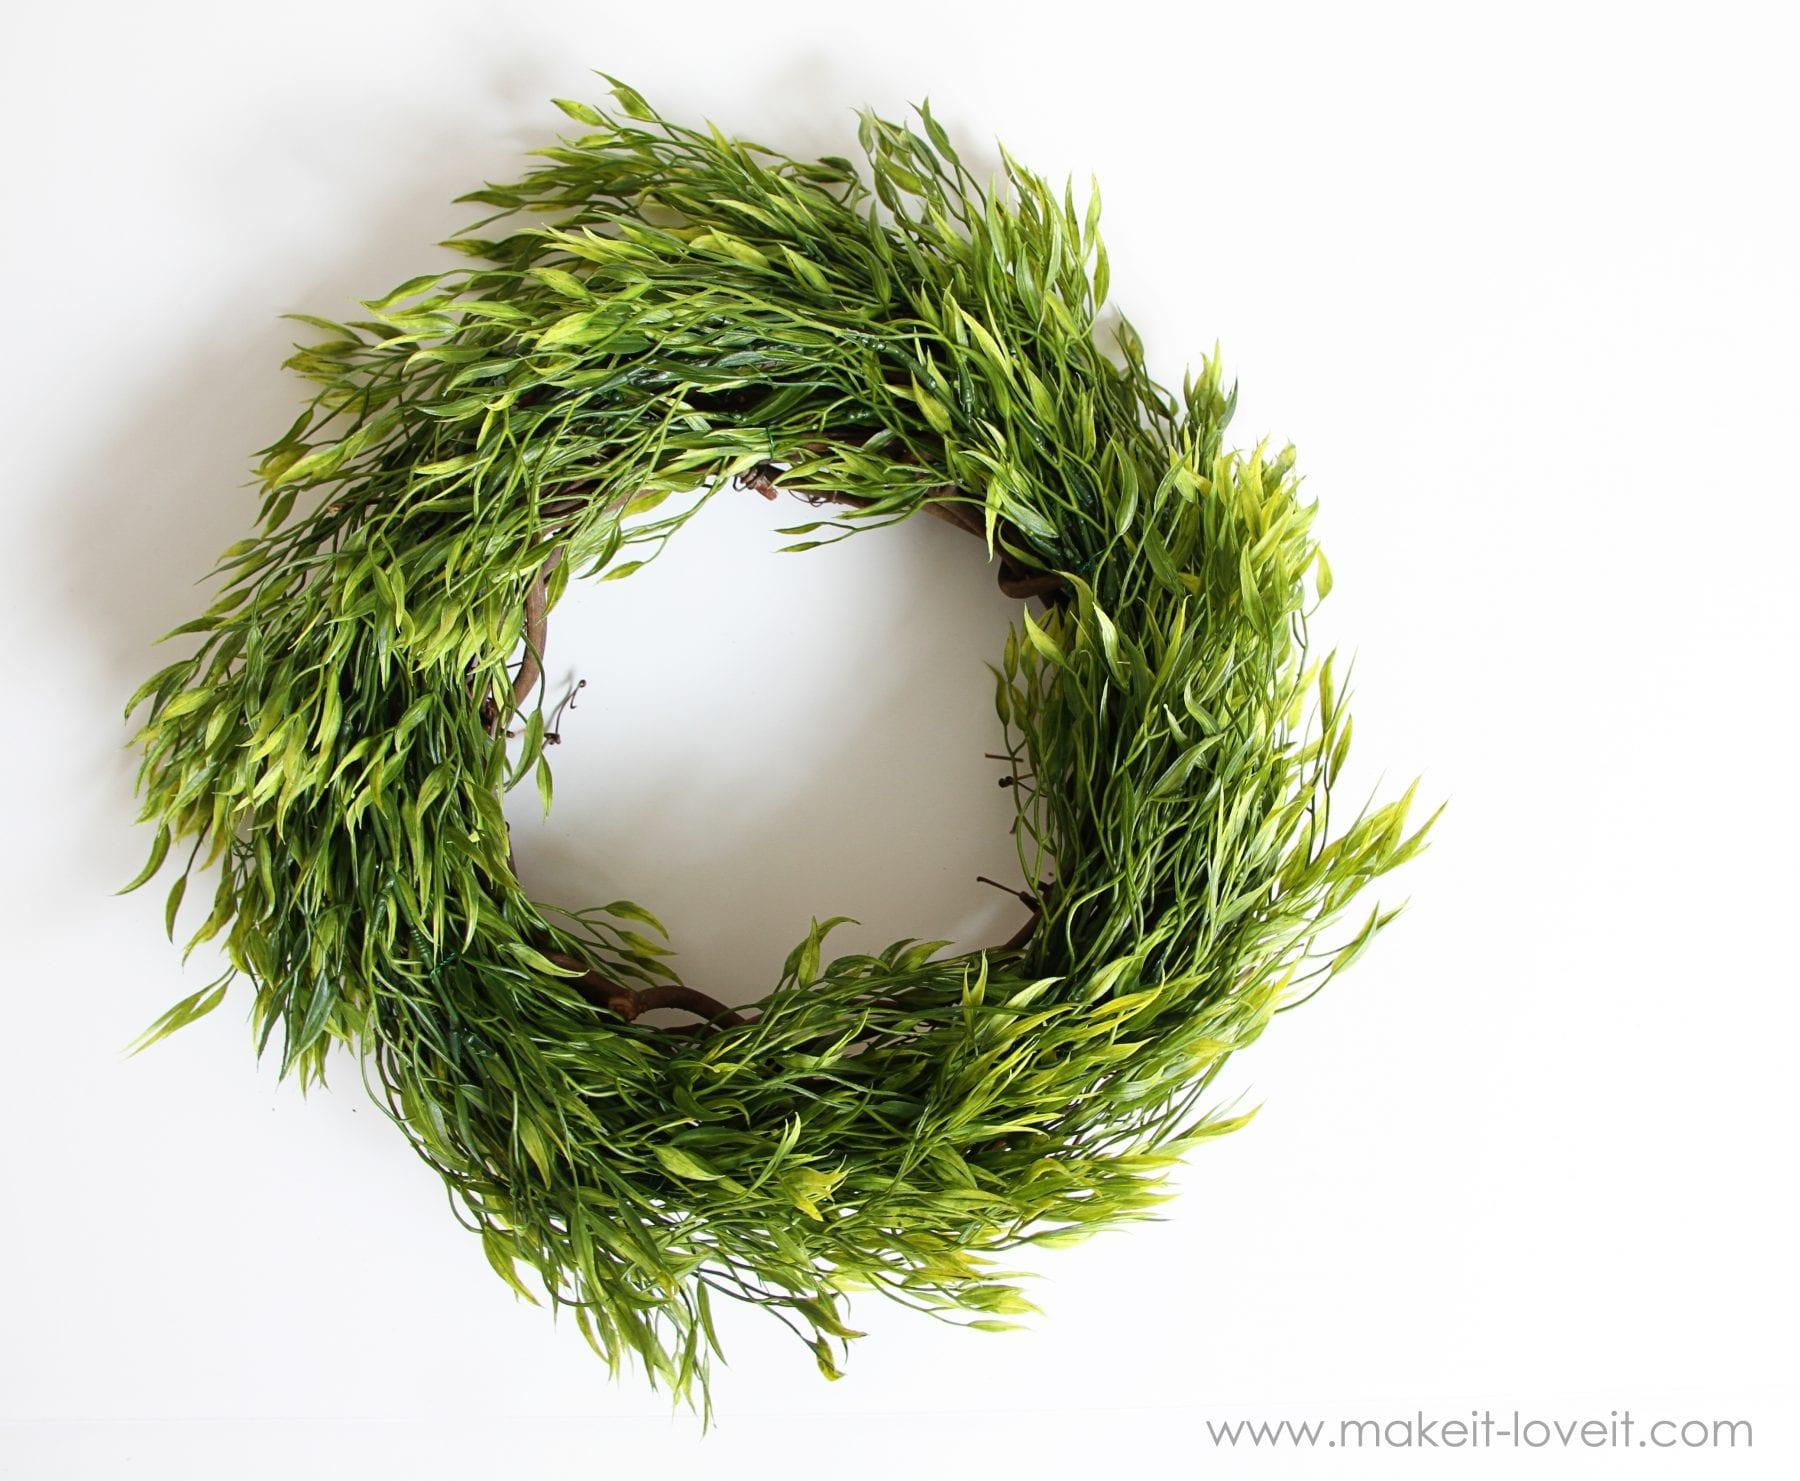 Home Decor: Leafy Foliage Wreath